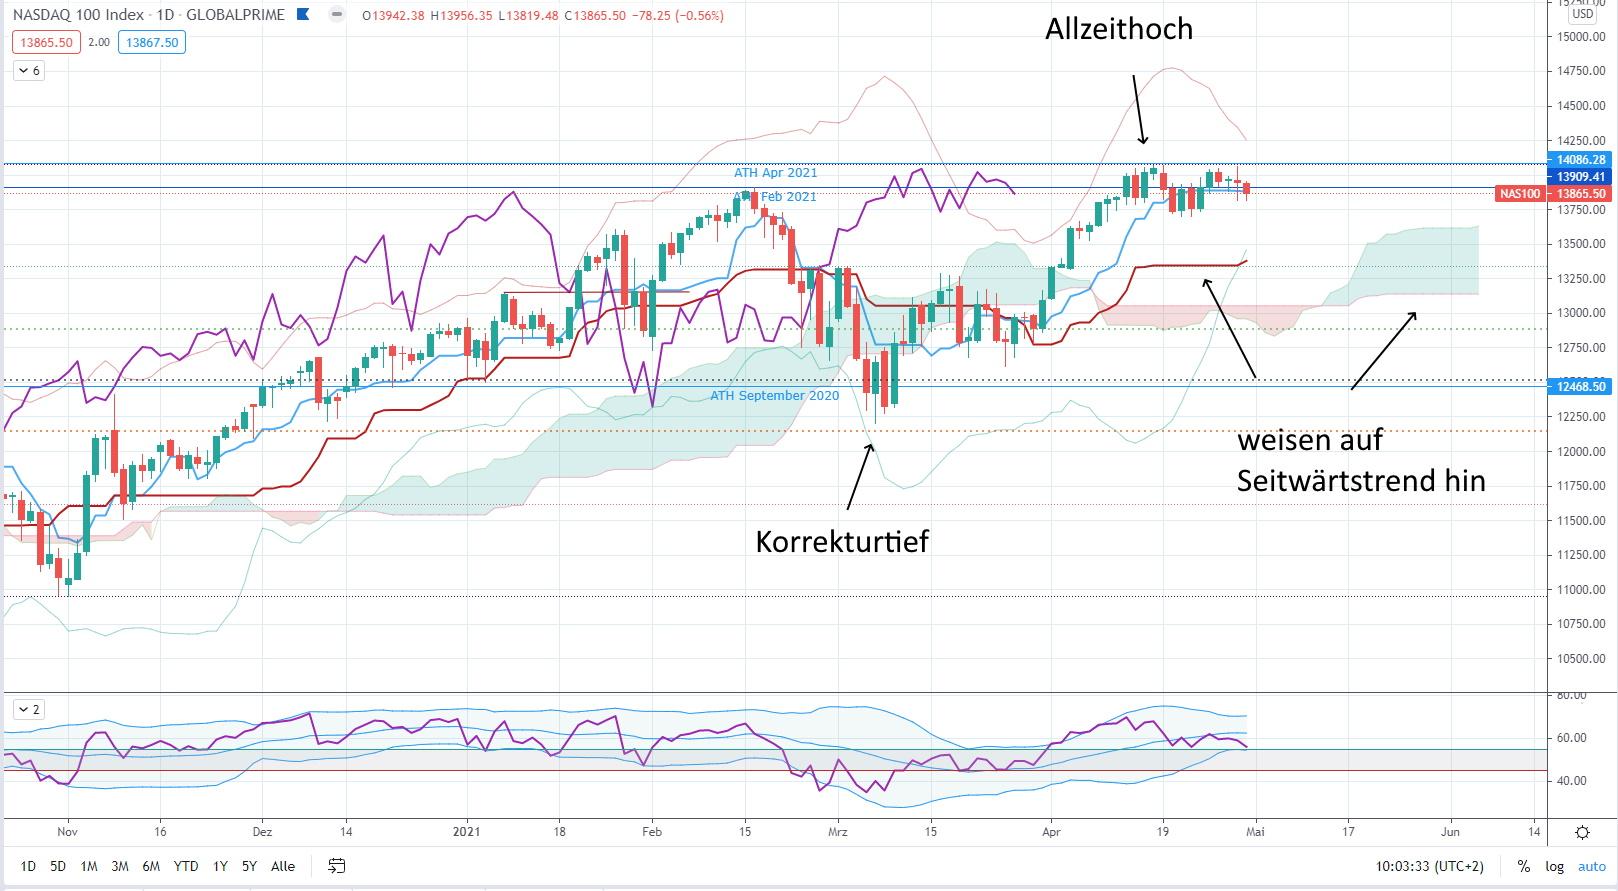 Aktuelle Marktsituation Mai 2021 - Nasdaq 100